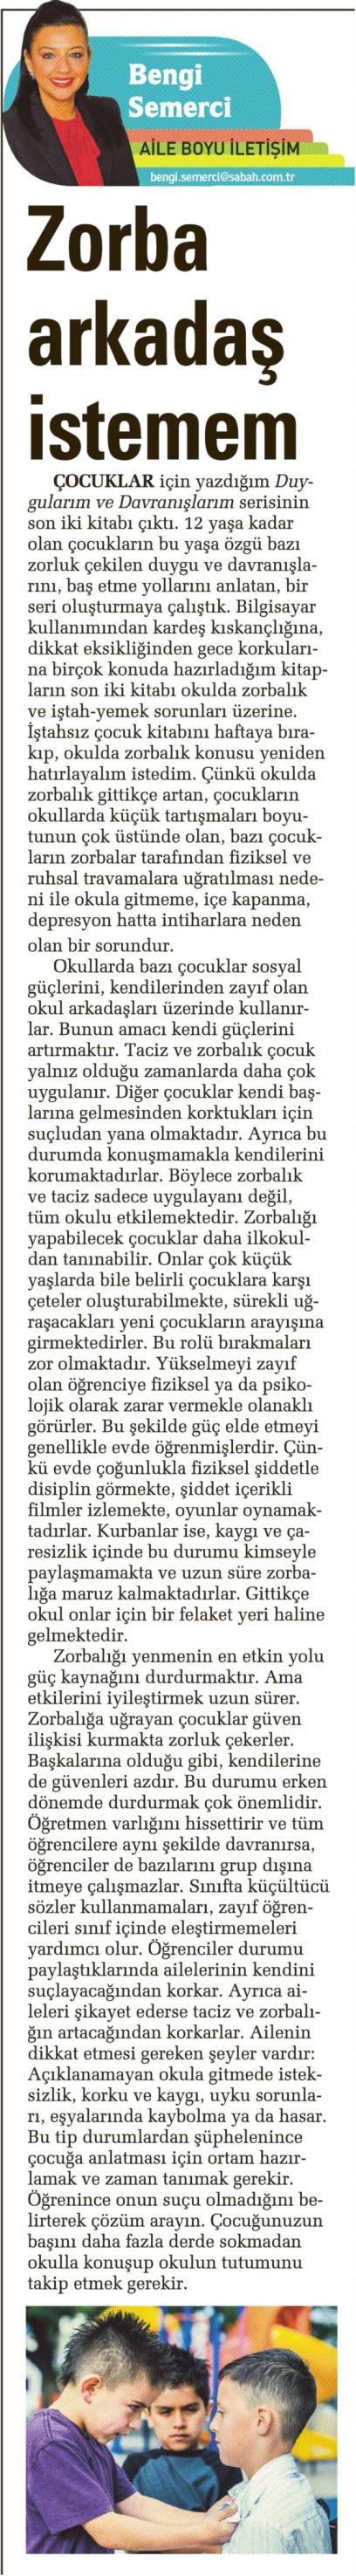 Zorba arkadaş istemem - SABAH CUMARTESİ 21.03.2015 </p> <p>